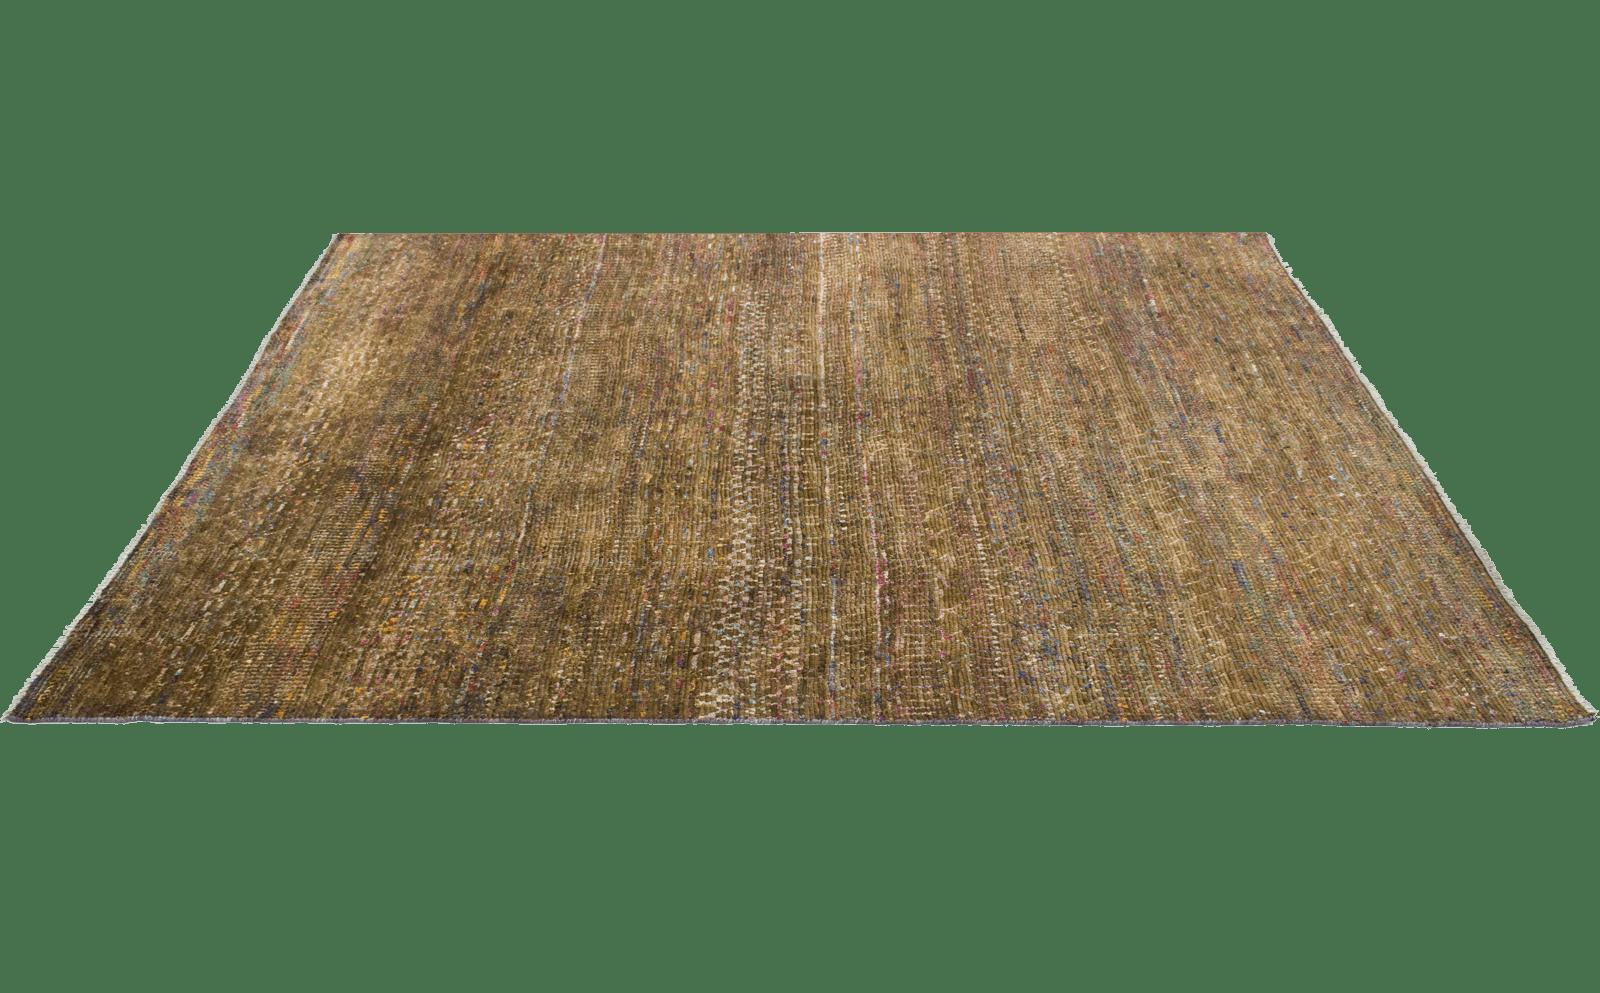 sari-silk-tribal-multi-tapijt-moderne-tapijten-handgeknoopte-design-exclusieve-luxe-vloerkleden-koreman-maastricht